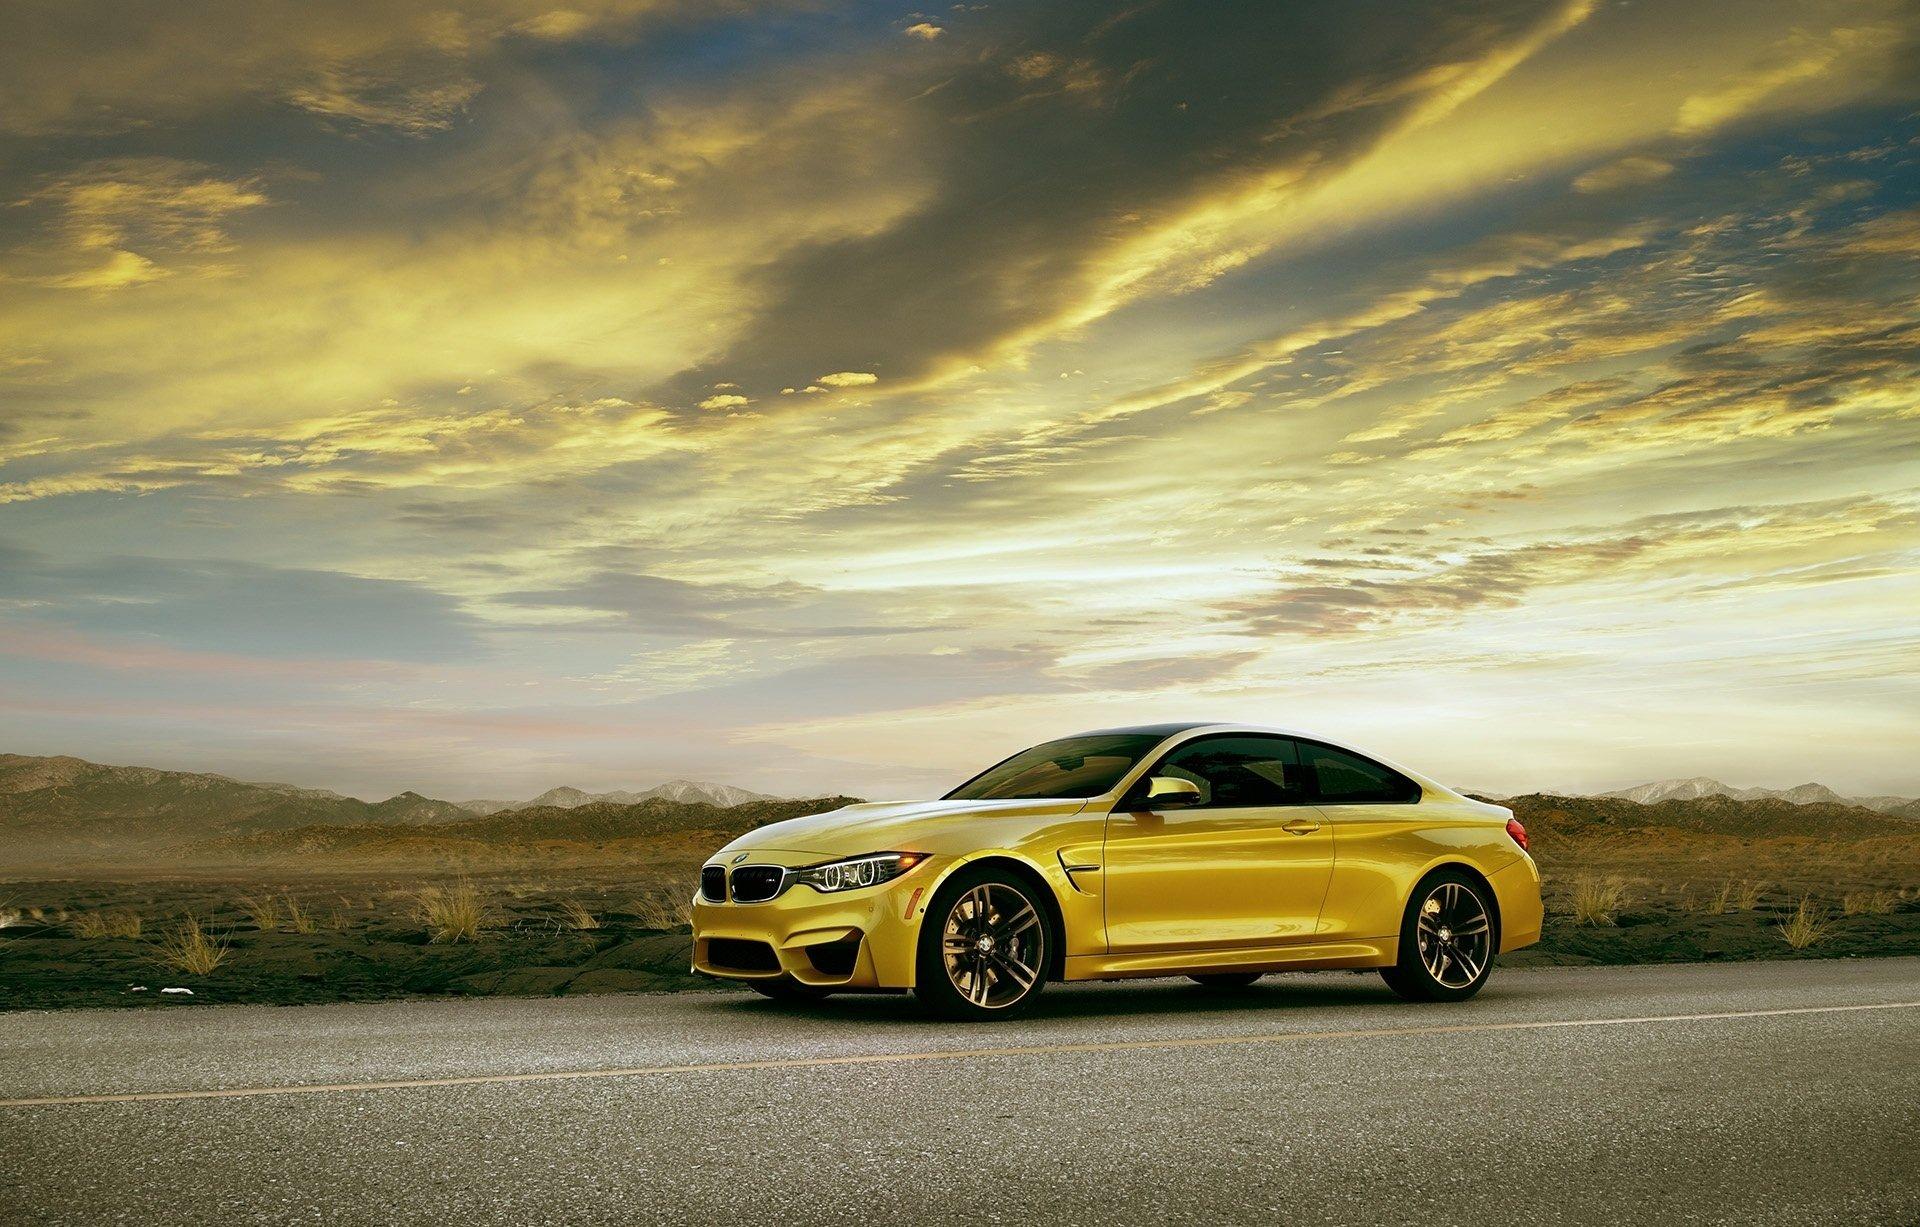 BMW M3 Желтое  № 844792 загрузить